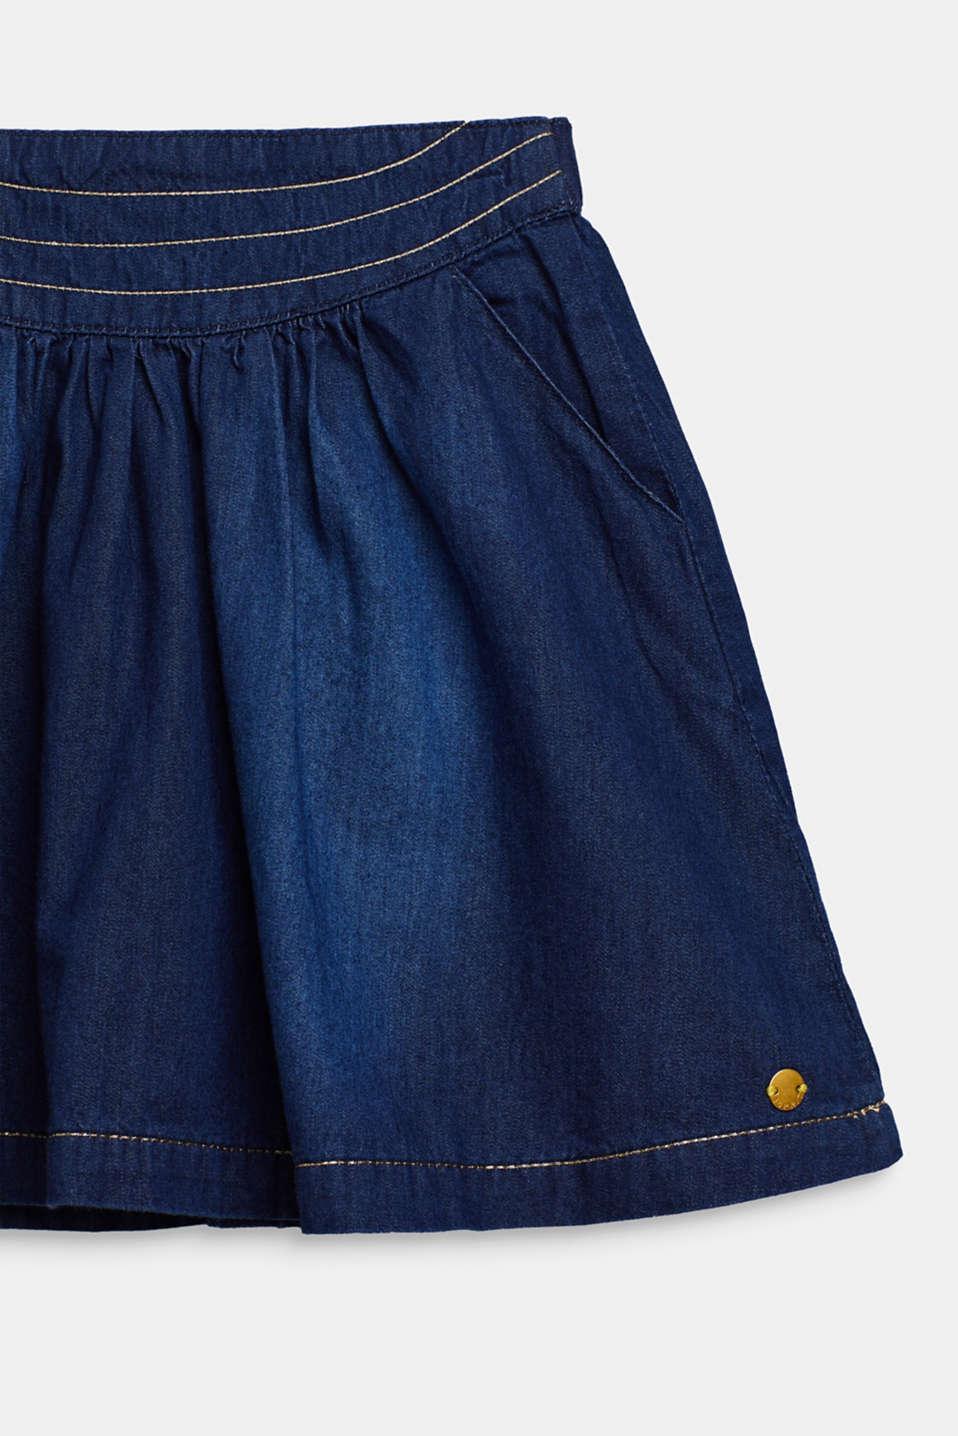 Denim skirt with glittering threads, DARK INDIGO DE, detail image number 2